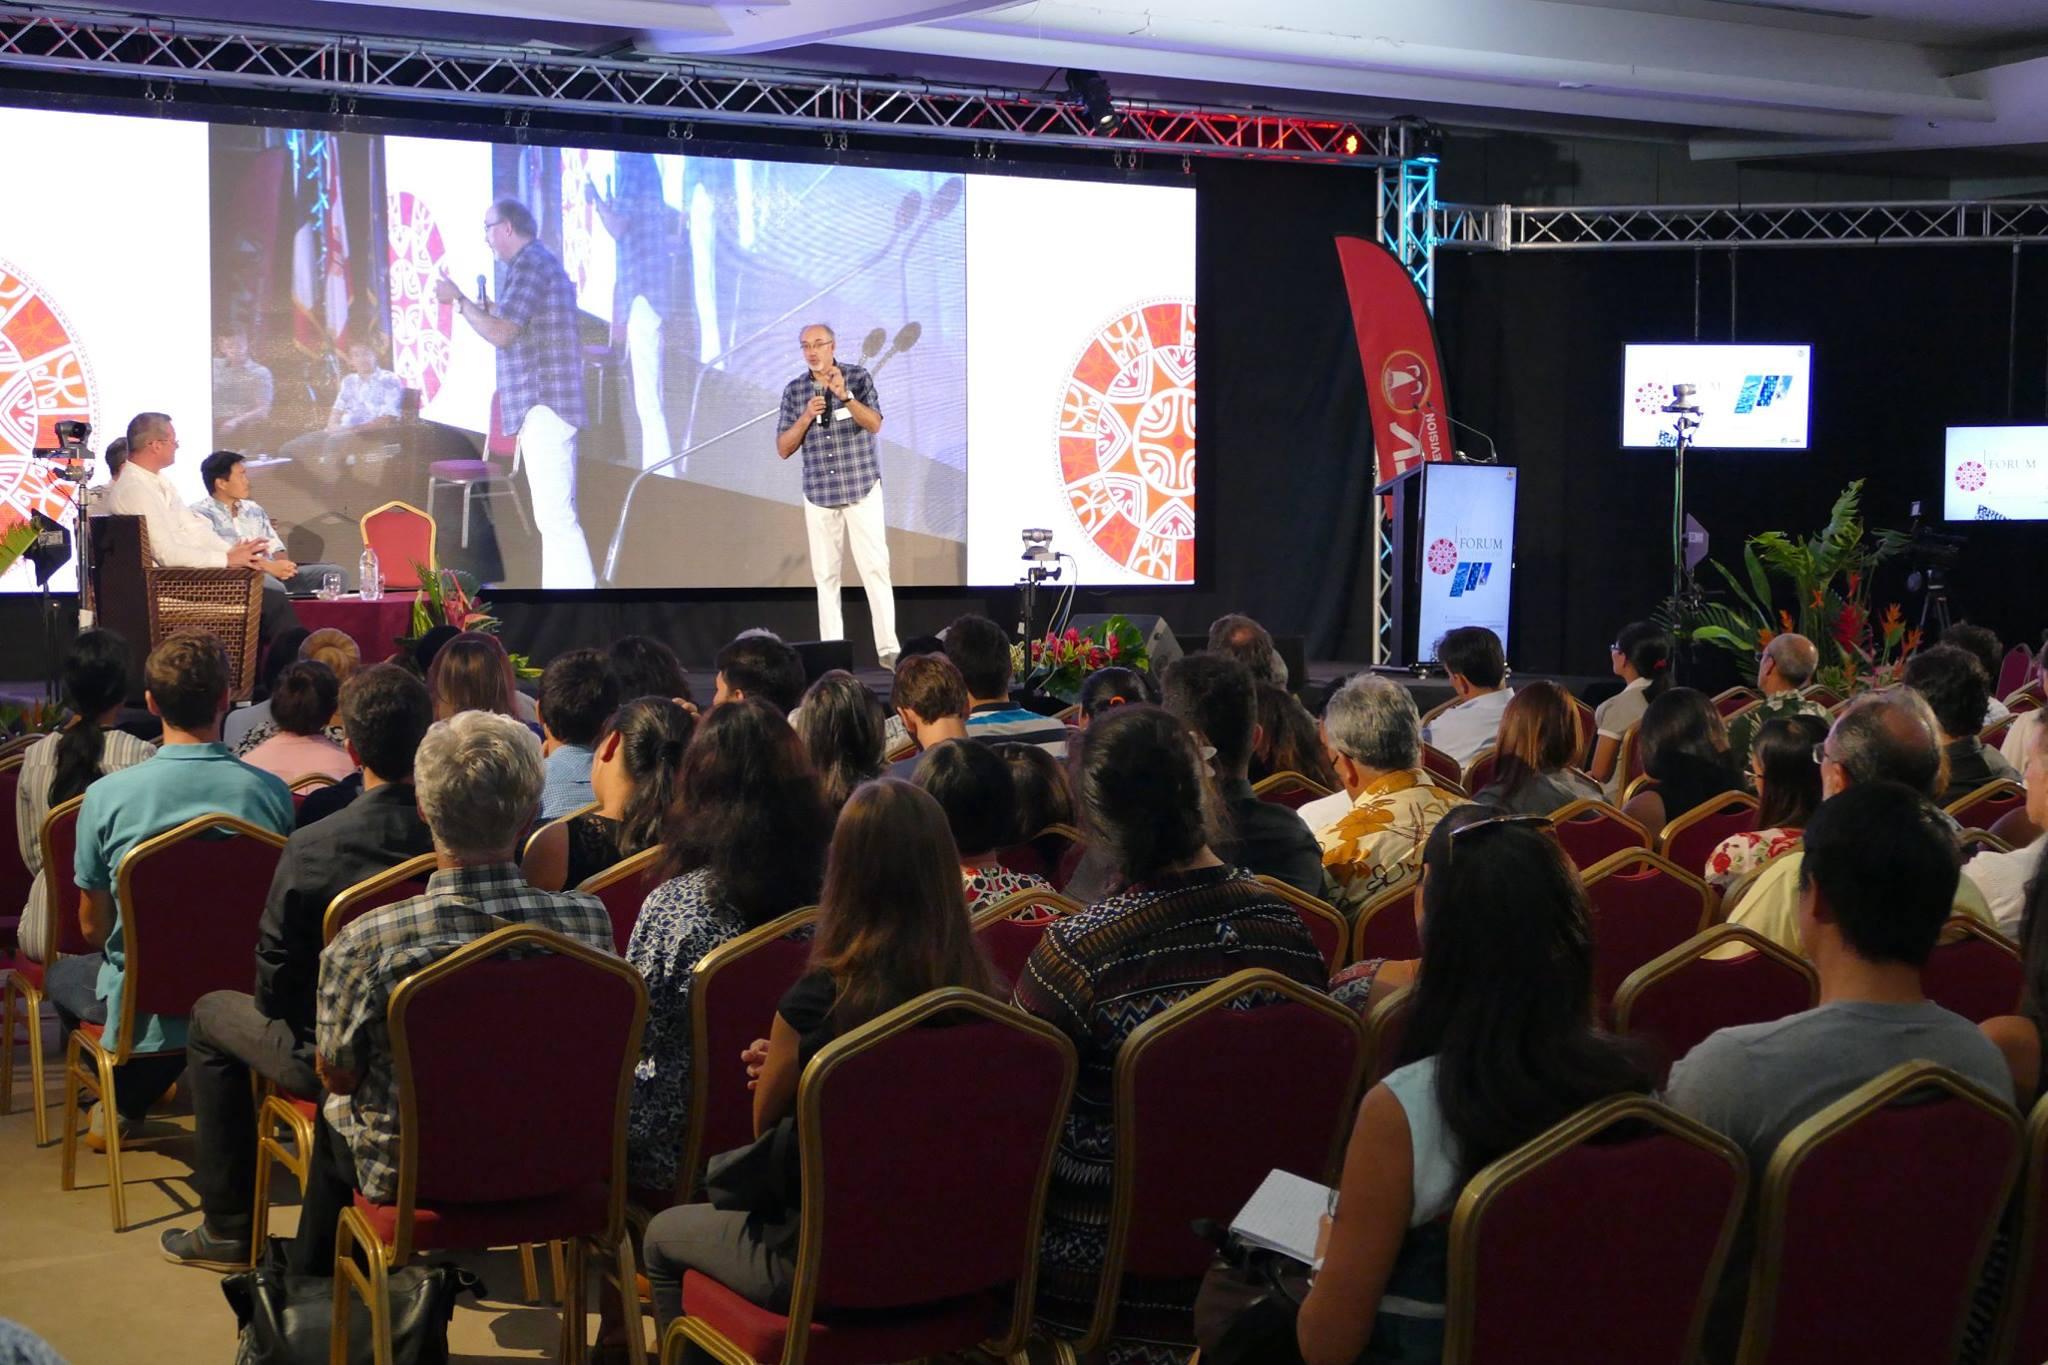 Philippe Turp devant le public très attentif du forum de l'économie